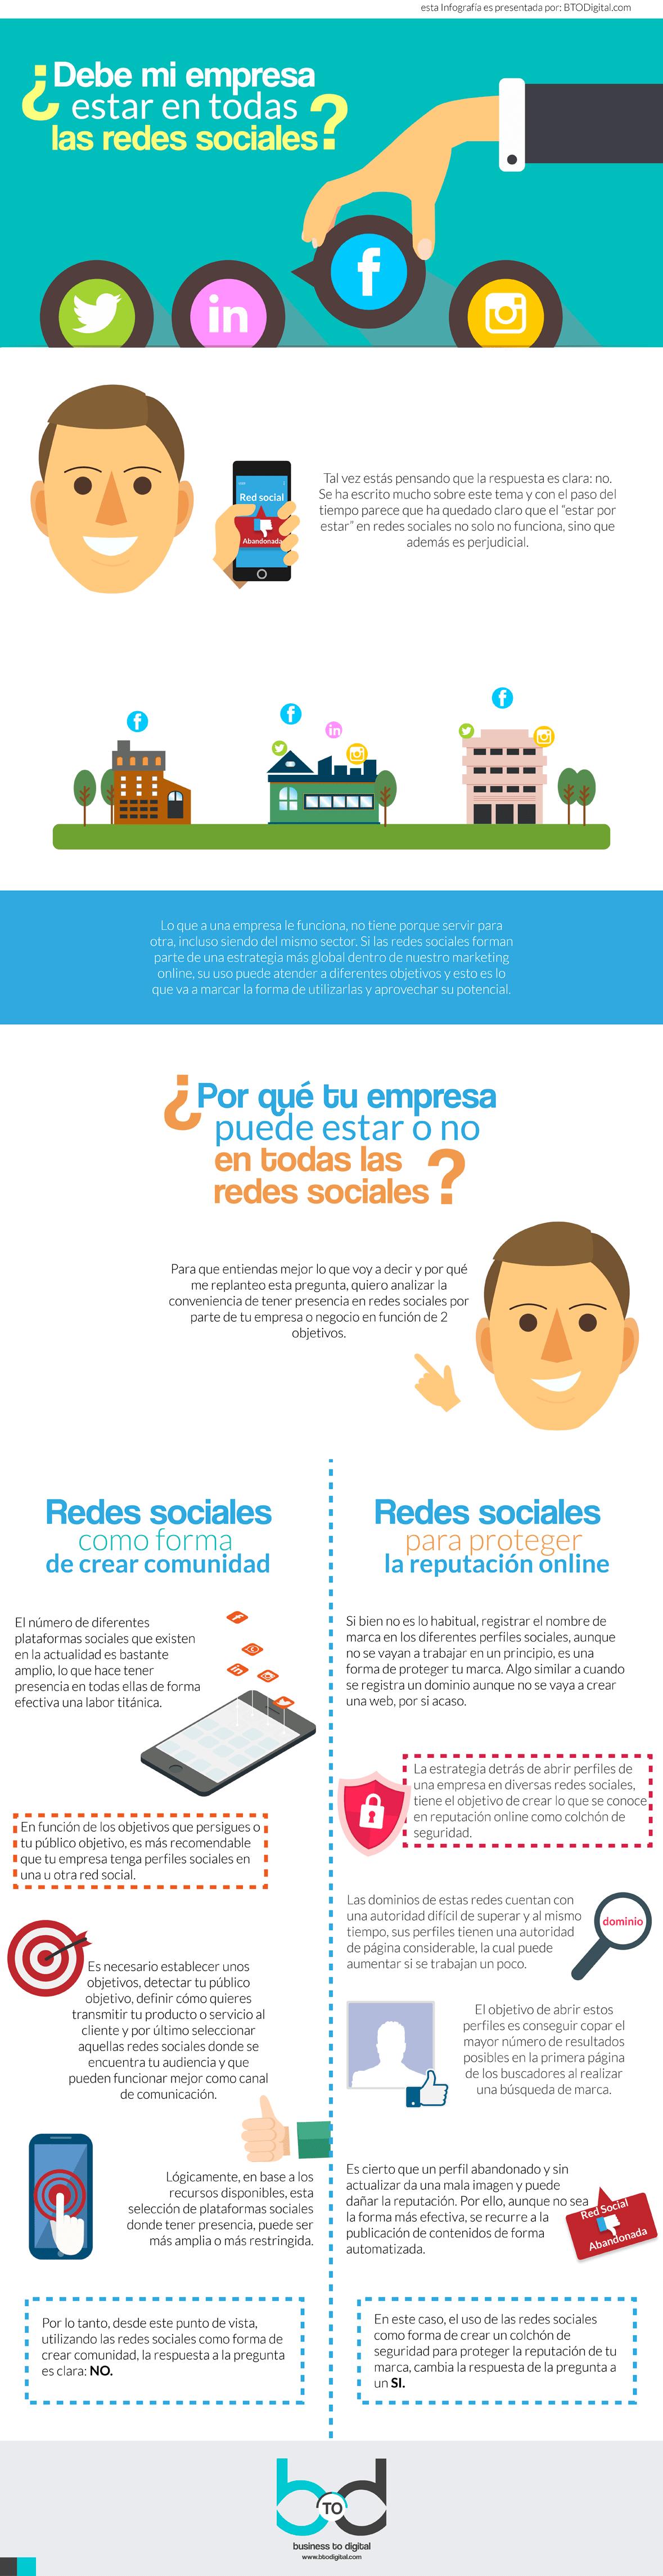 Infografía - ¿Debe mi empresa estar en todas las redes sociales?